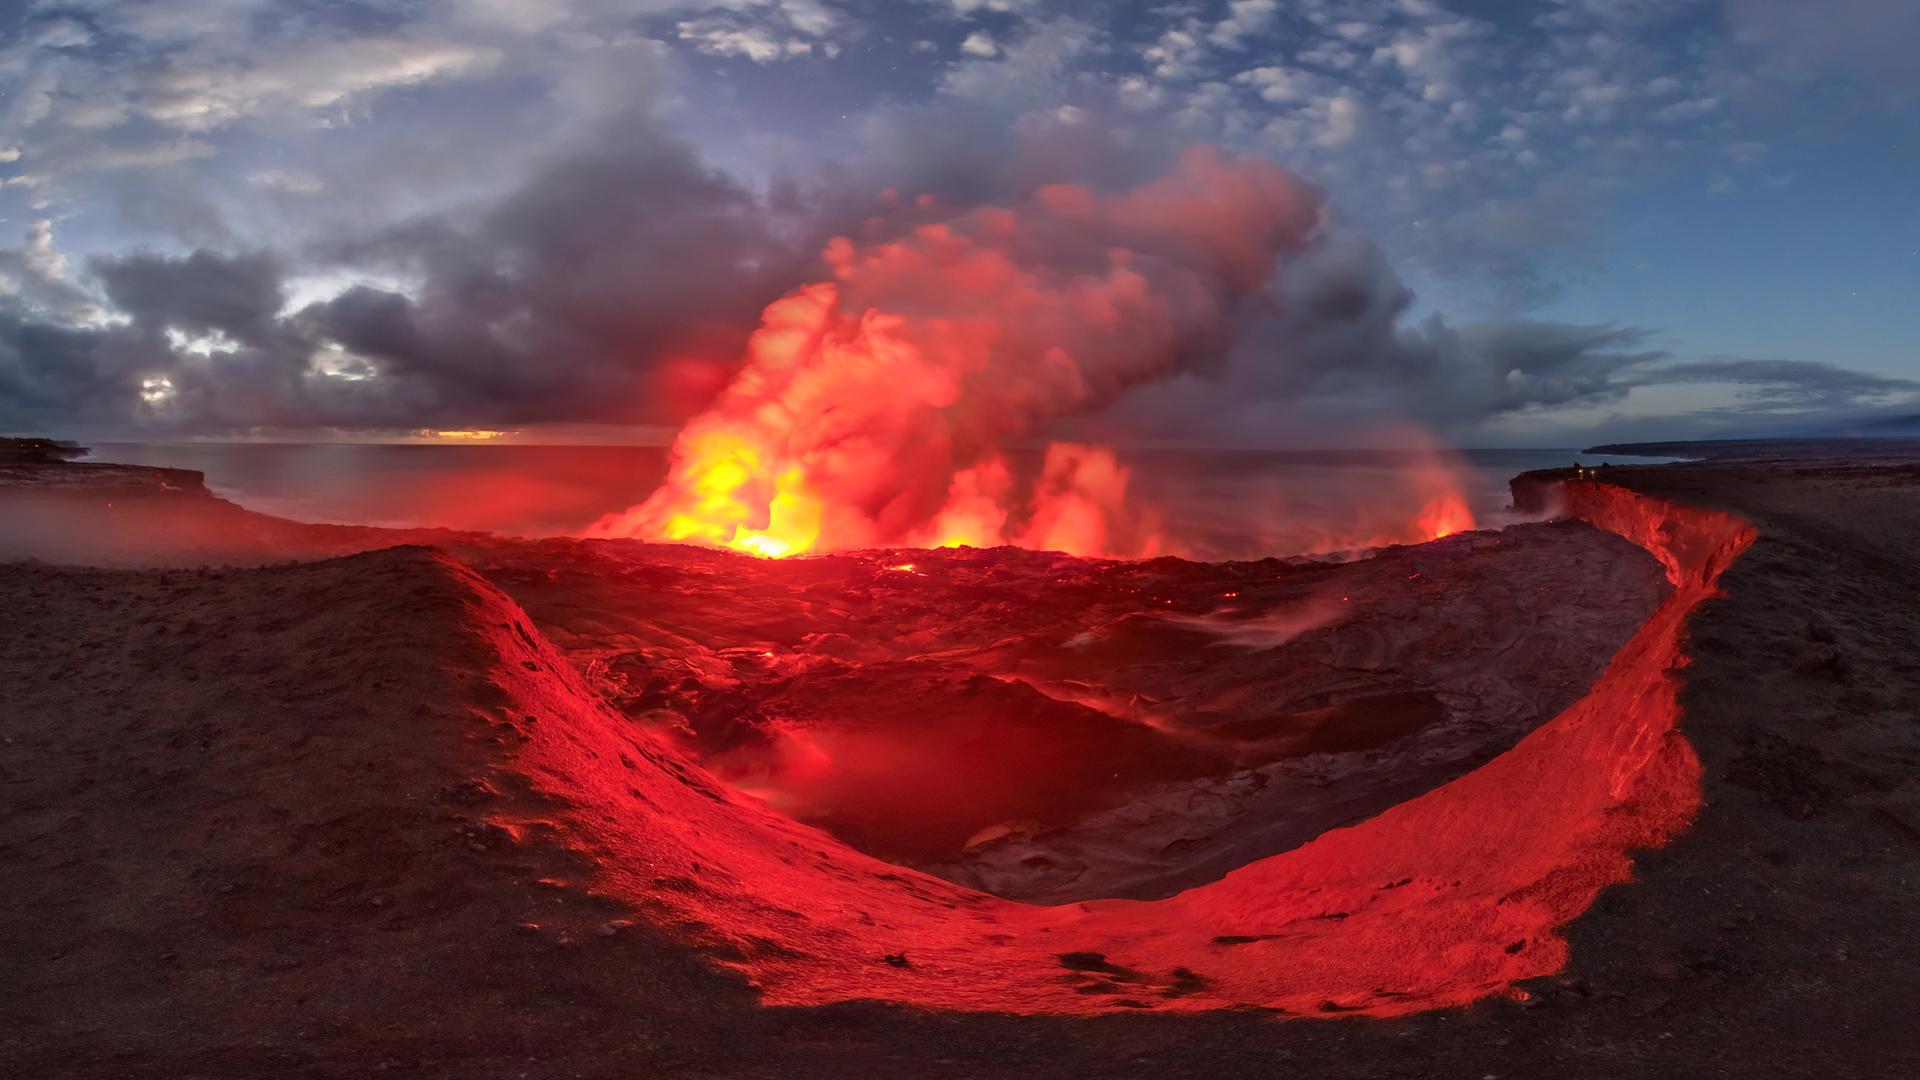 вулканического рельефа, стратовулкан, атмосфера, купол лавы, панорама